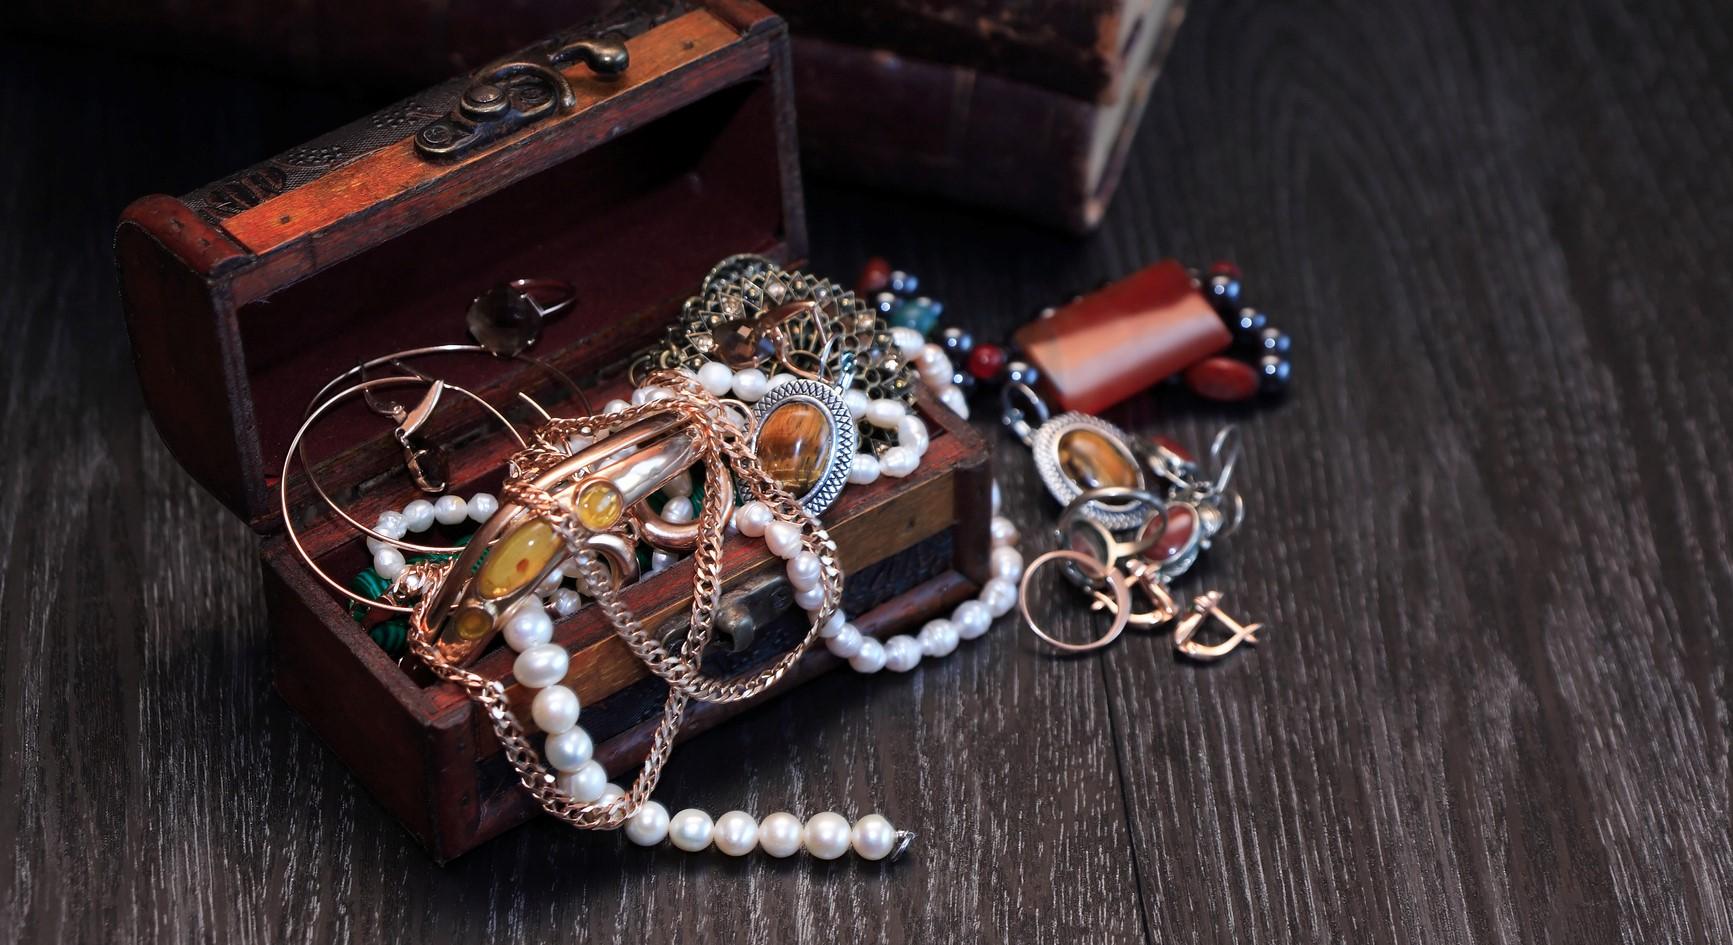 Joslin's Top Four Jewelry Care Tips